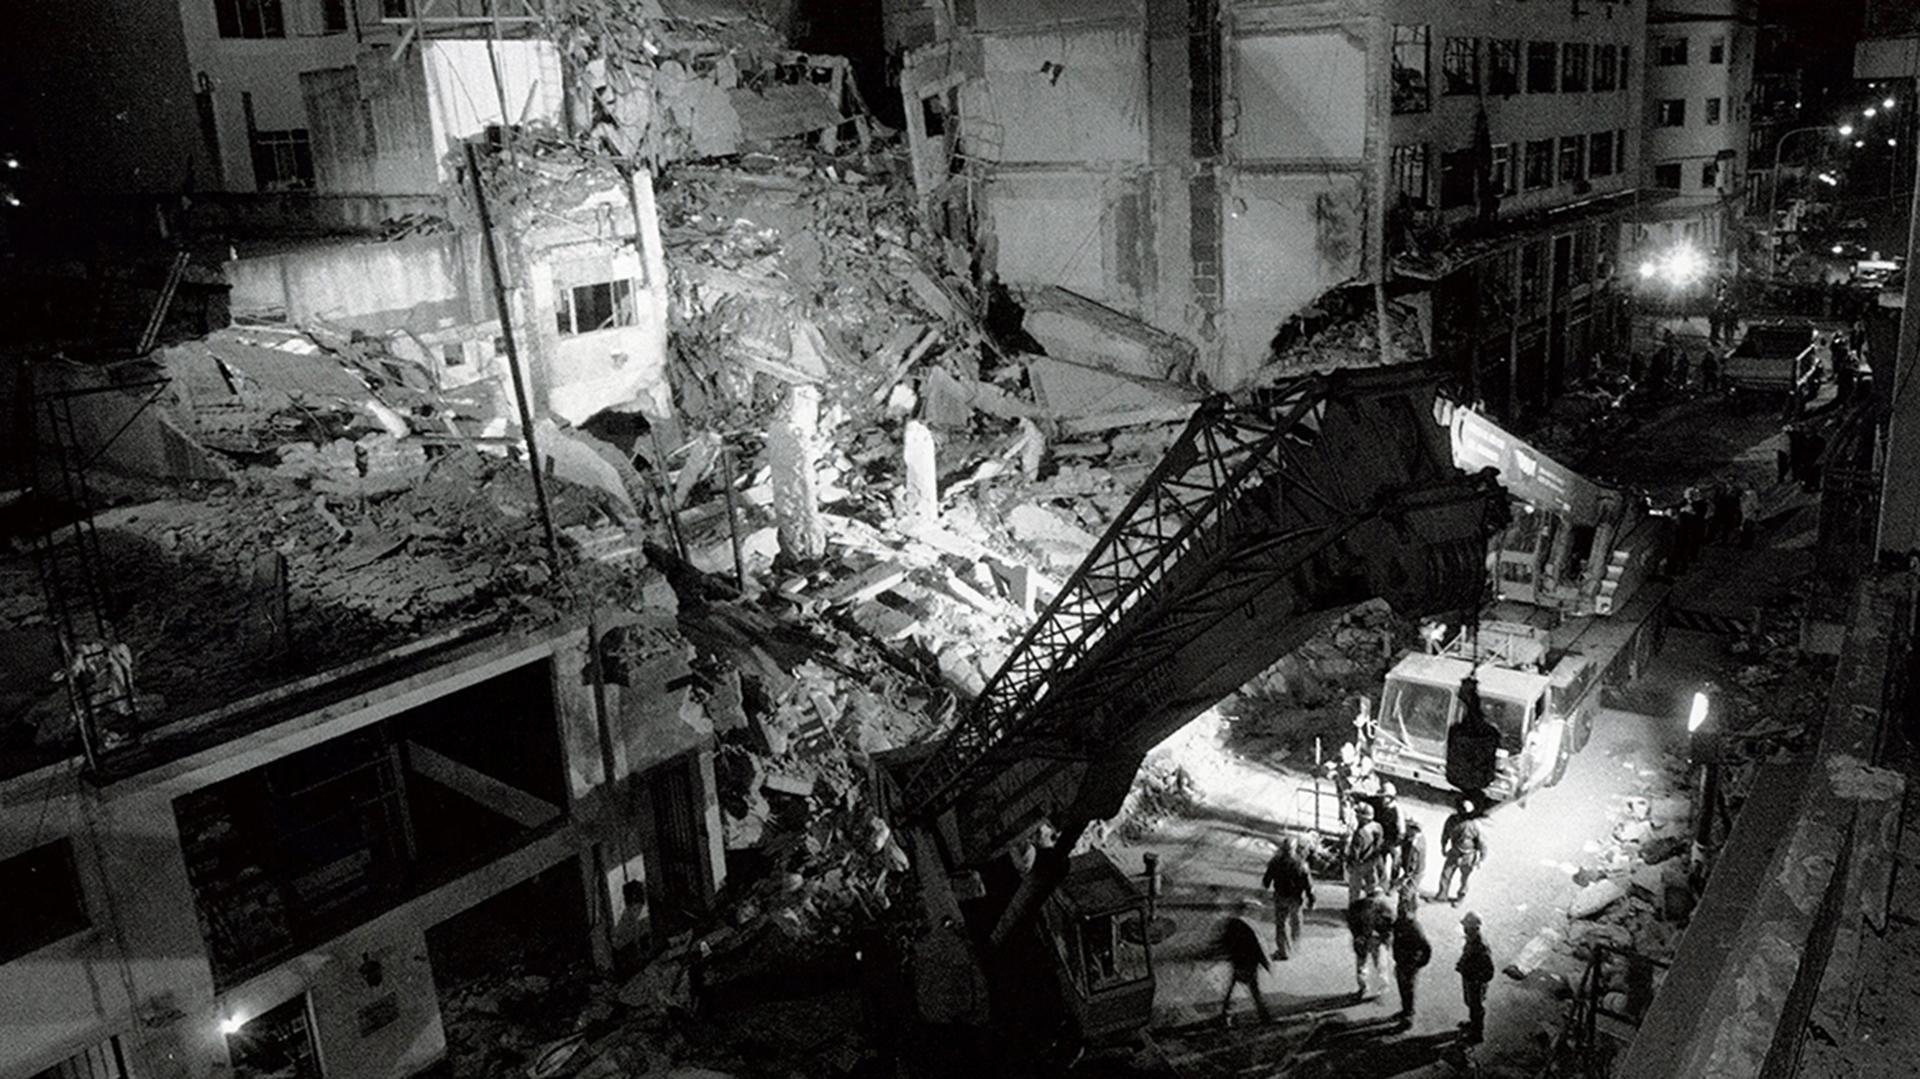 Se trató del mayor atentado terrorista ocurrido en Argentina